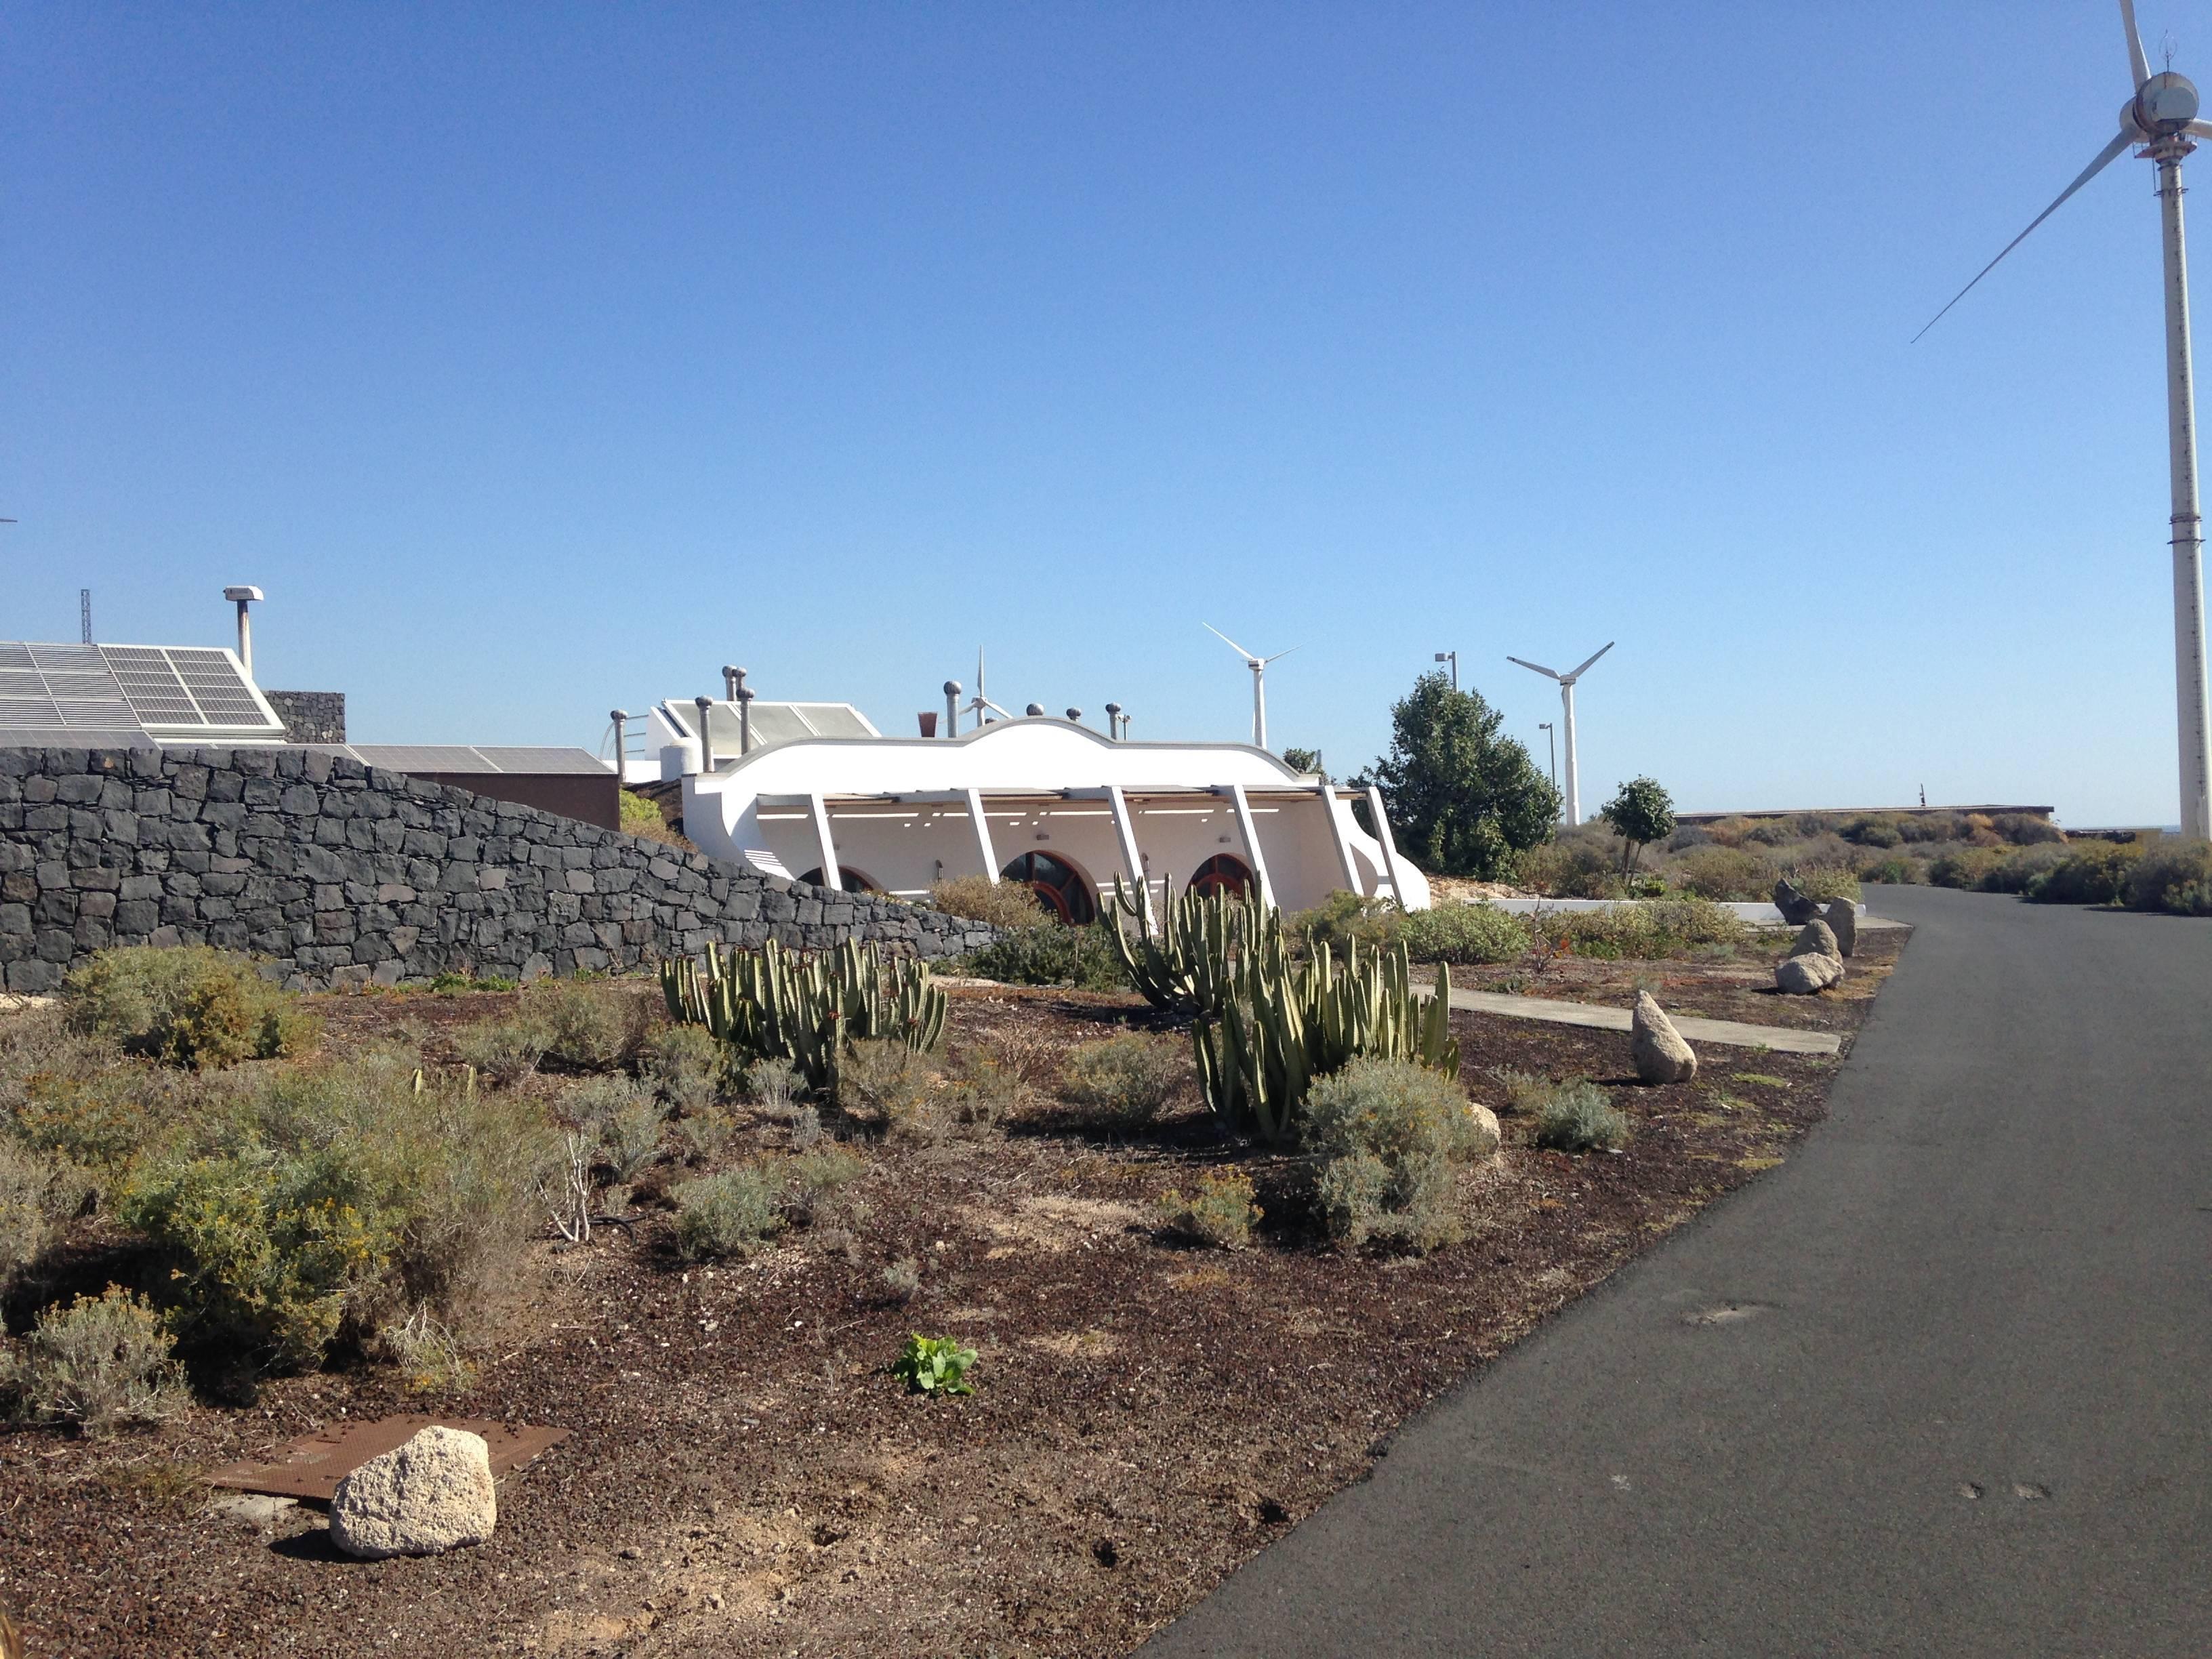 Casas bioclim ticas iter in el medano holidaycheck teneriffa spanien - Casas bioclimaticas iter ...